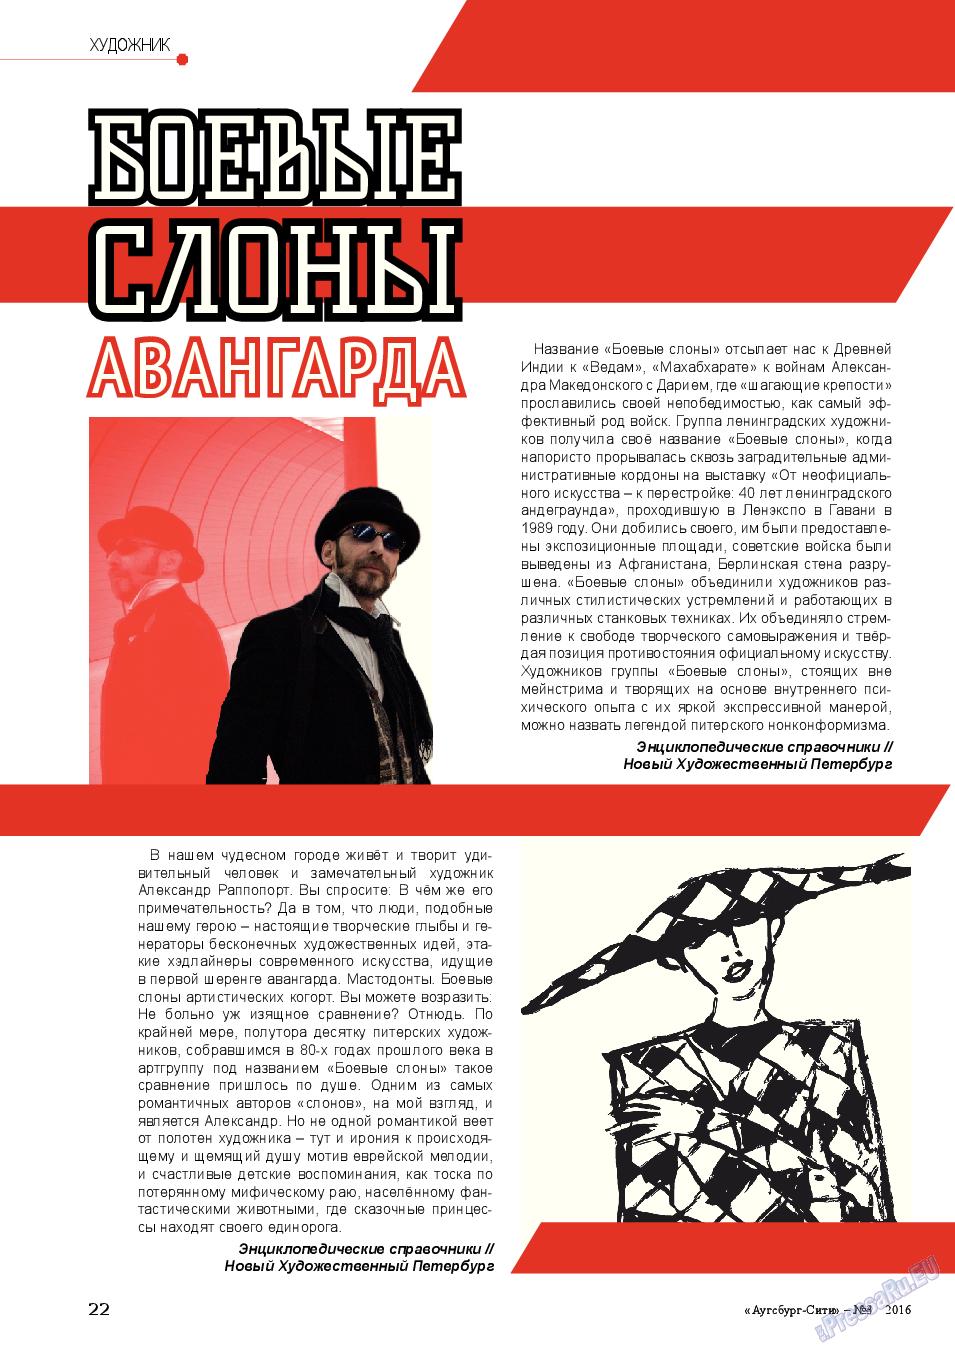 Аугсбург-сити (журнал). 2016 год, номер 4, стр. 22